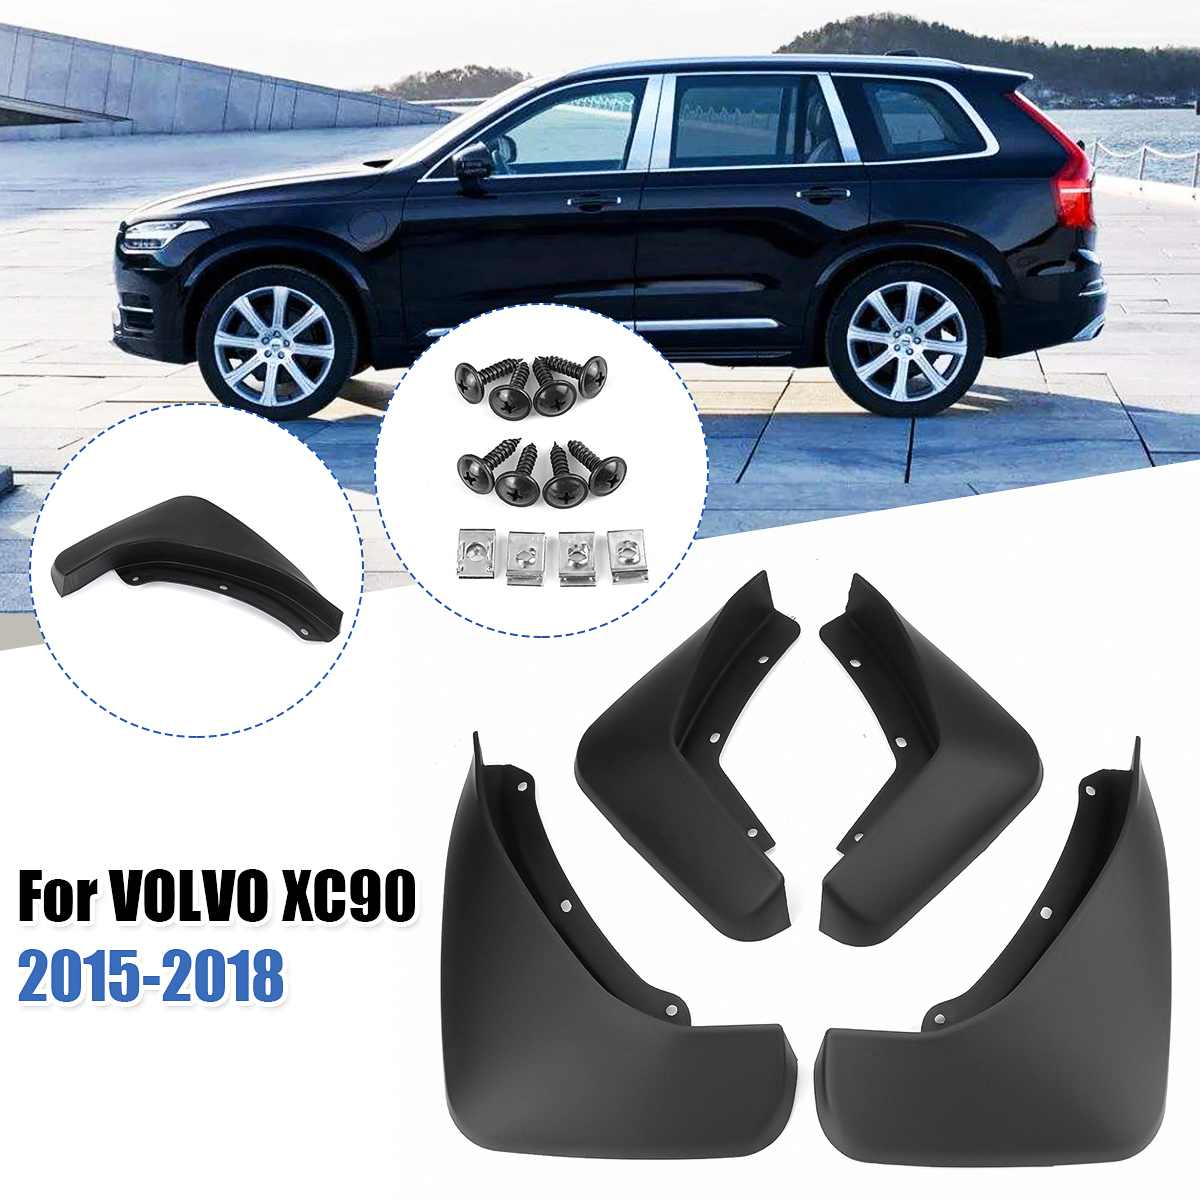 Передние и задние Автомобильные Брызговики, брызговики, щитки от грязи, брызговики для Volvo XC90 2015 2016 2017 2018 2019